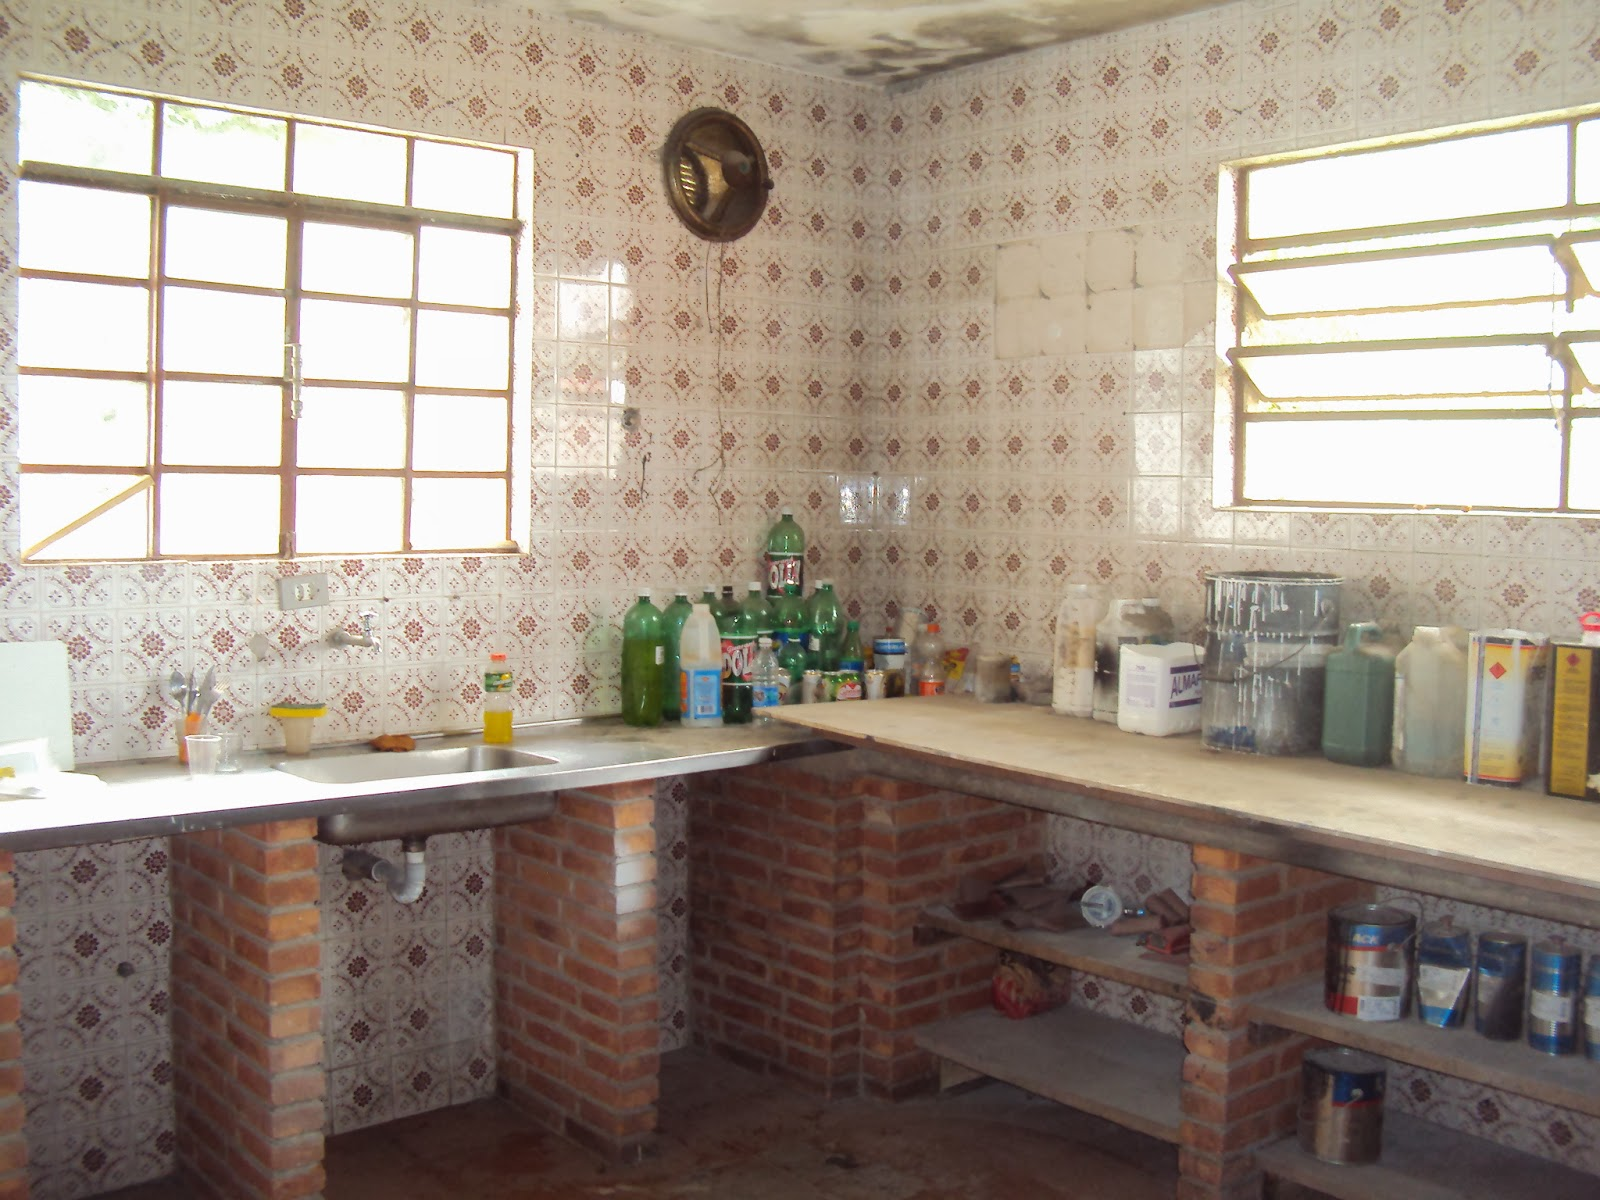 PatyCraft: Reformar a casa gastando pouco #9F792C 1600x1200 Banheiro Com Azulejo Pintado